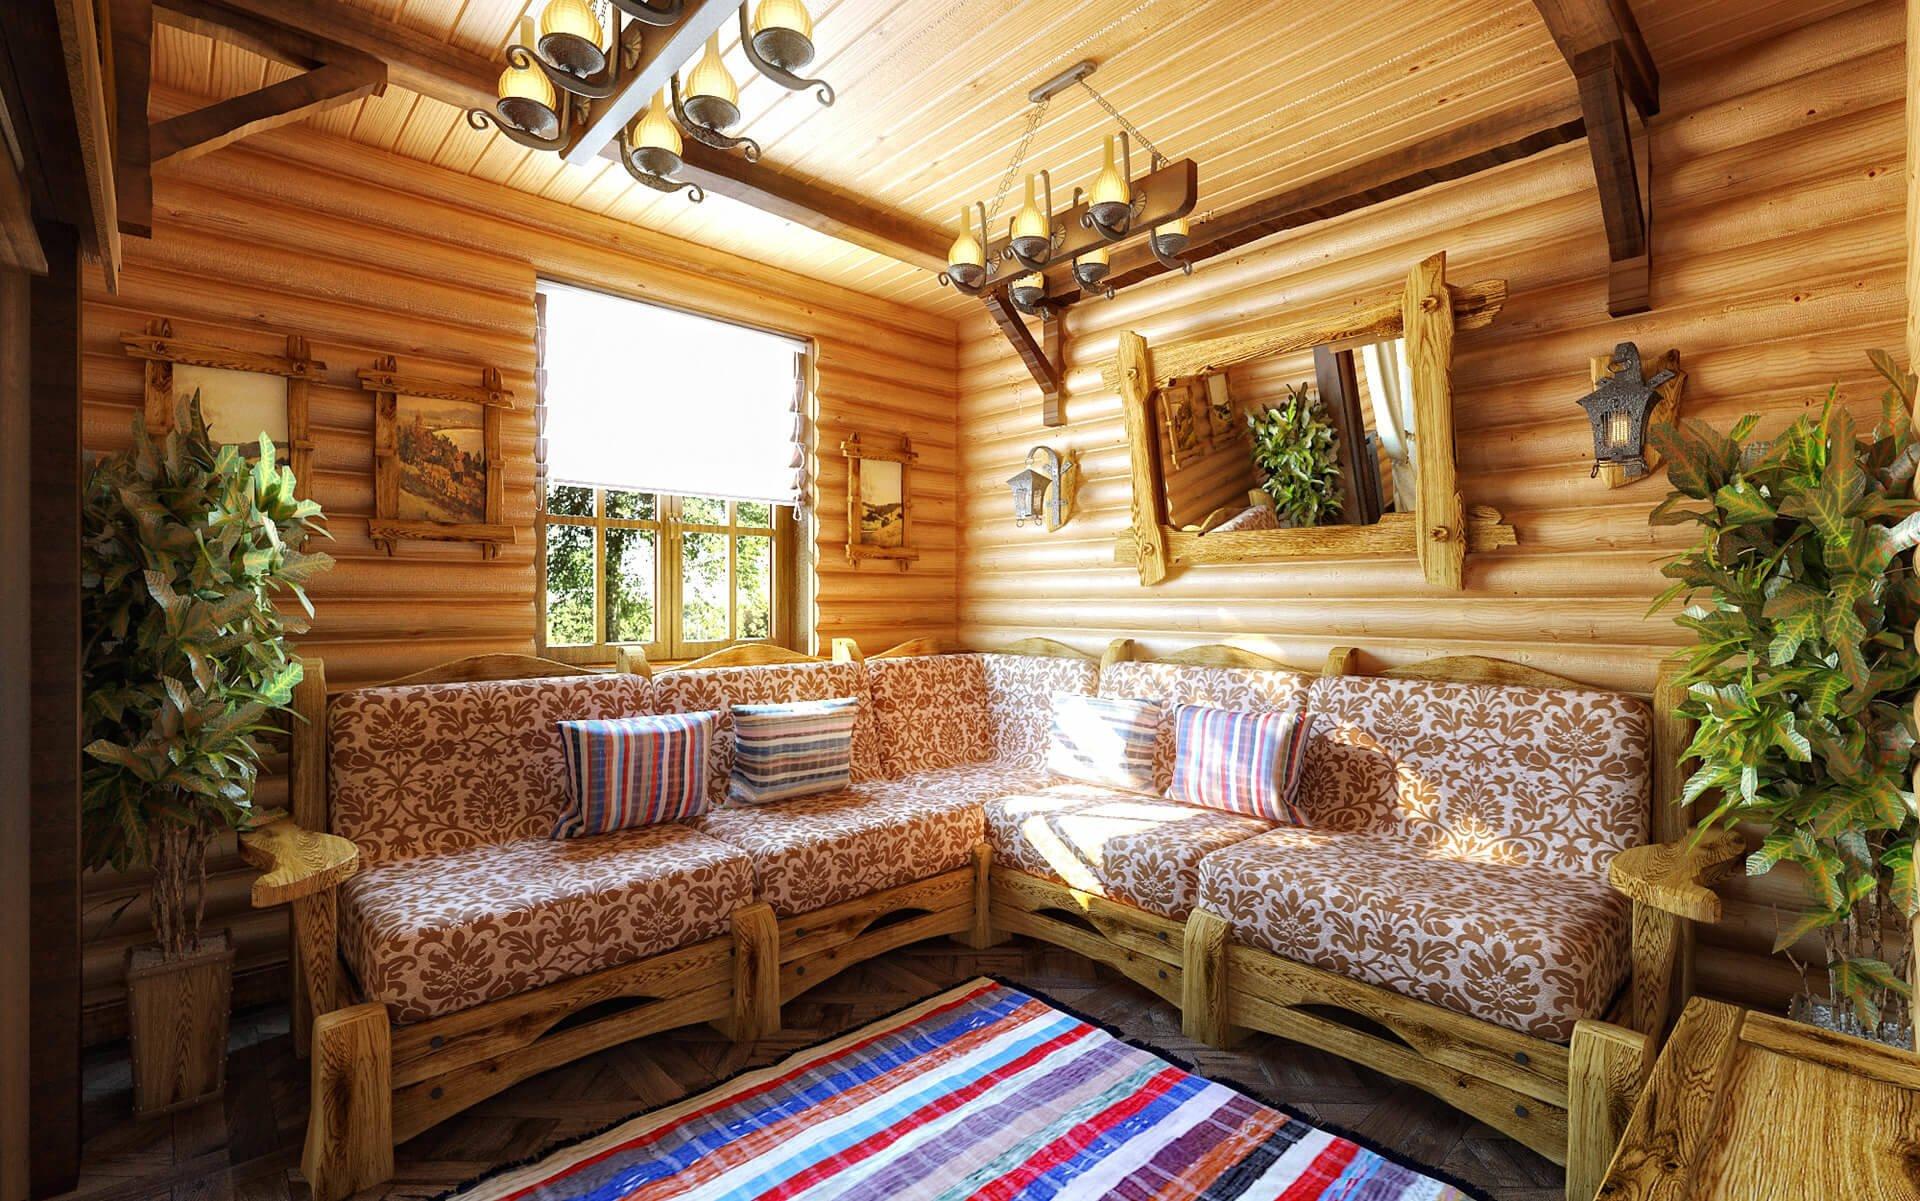 Комната отдыха в бане: дизайн интерьера, отделка, как обустроить, оформление, как отделать, фото и видео